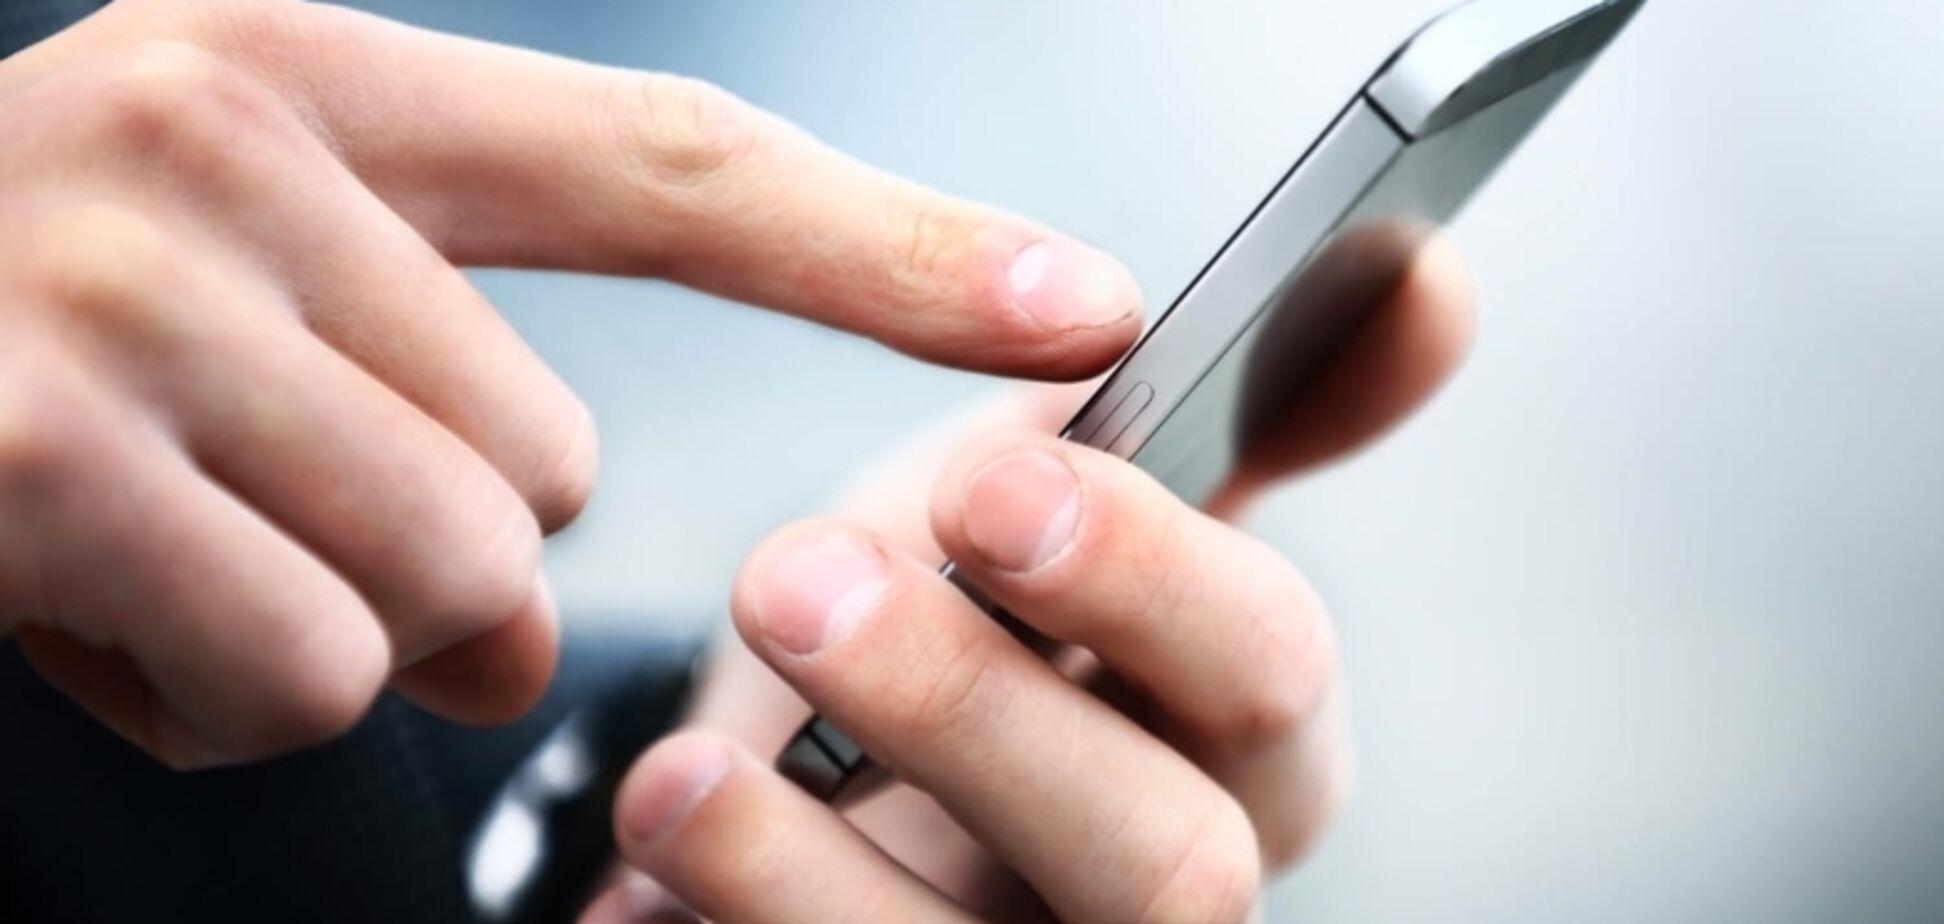 Один из главных мобильных операторов Украины предупредил о резком подорожании